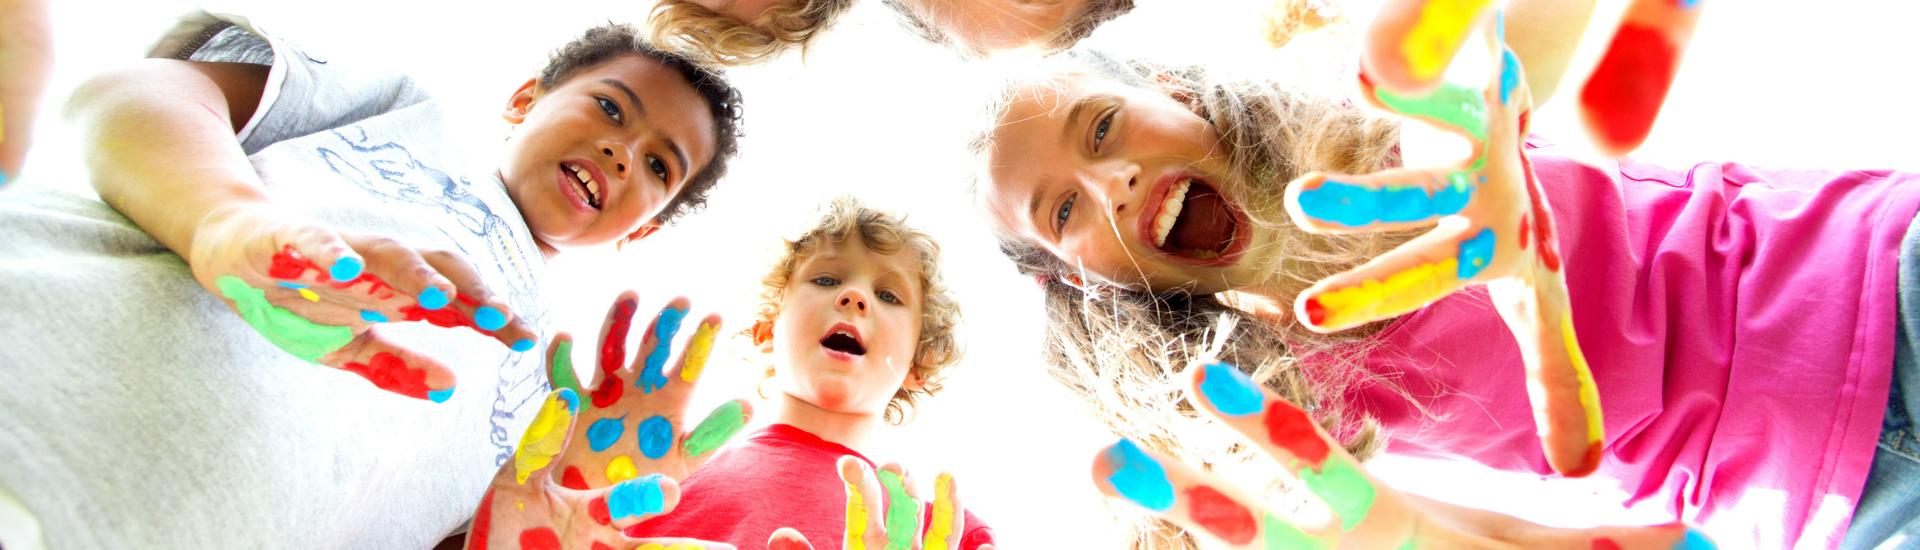 Accueil de loisirs garde d'enfants